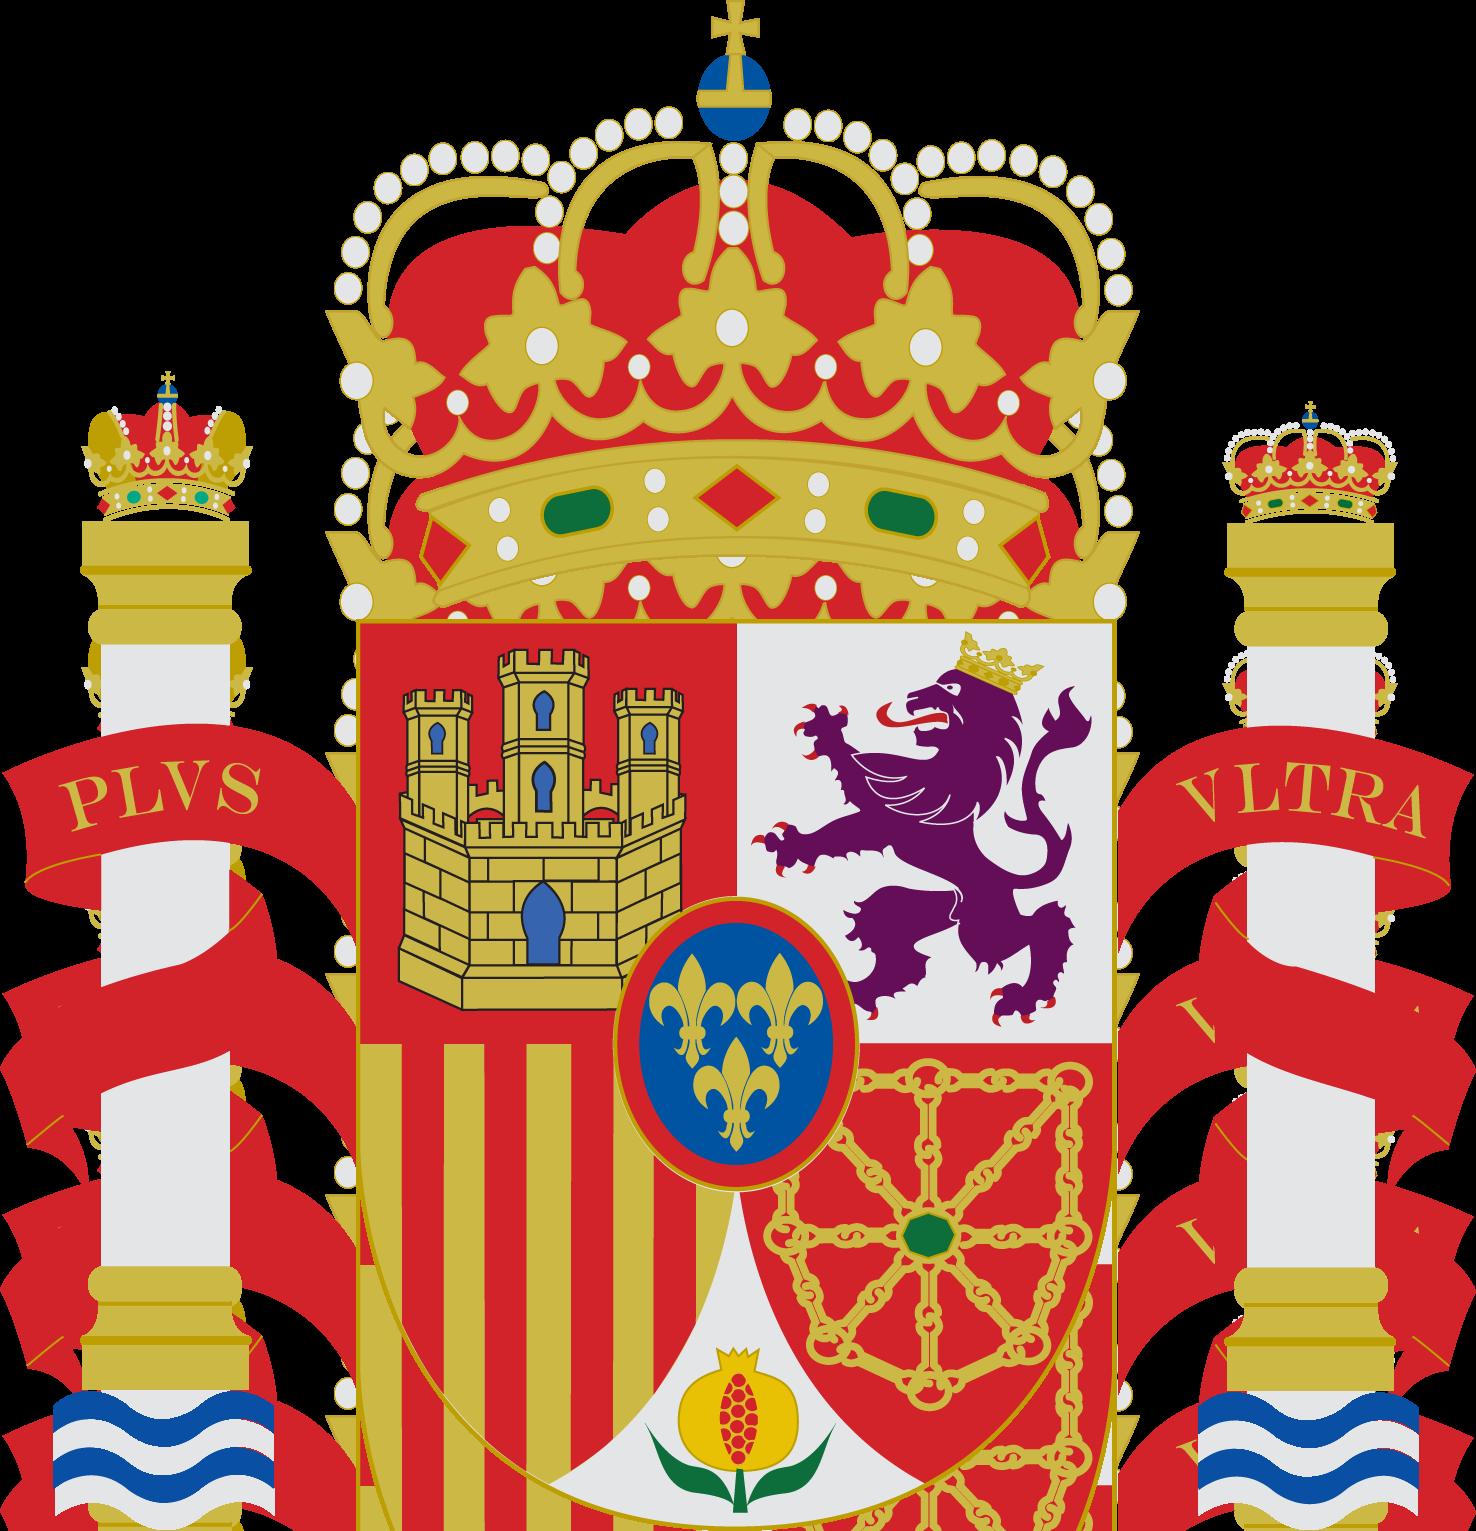 File:Escudo del Reino de España.png.